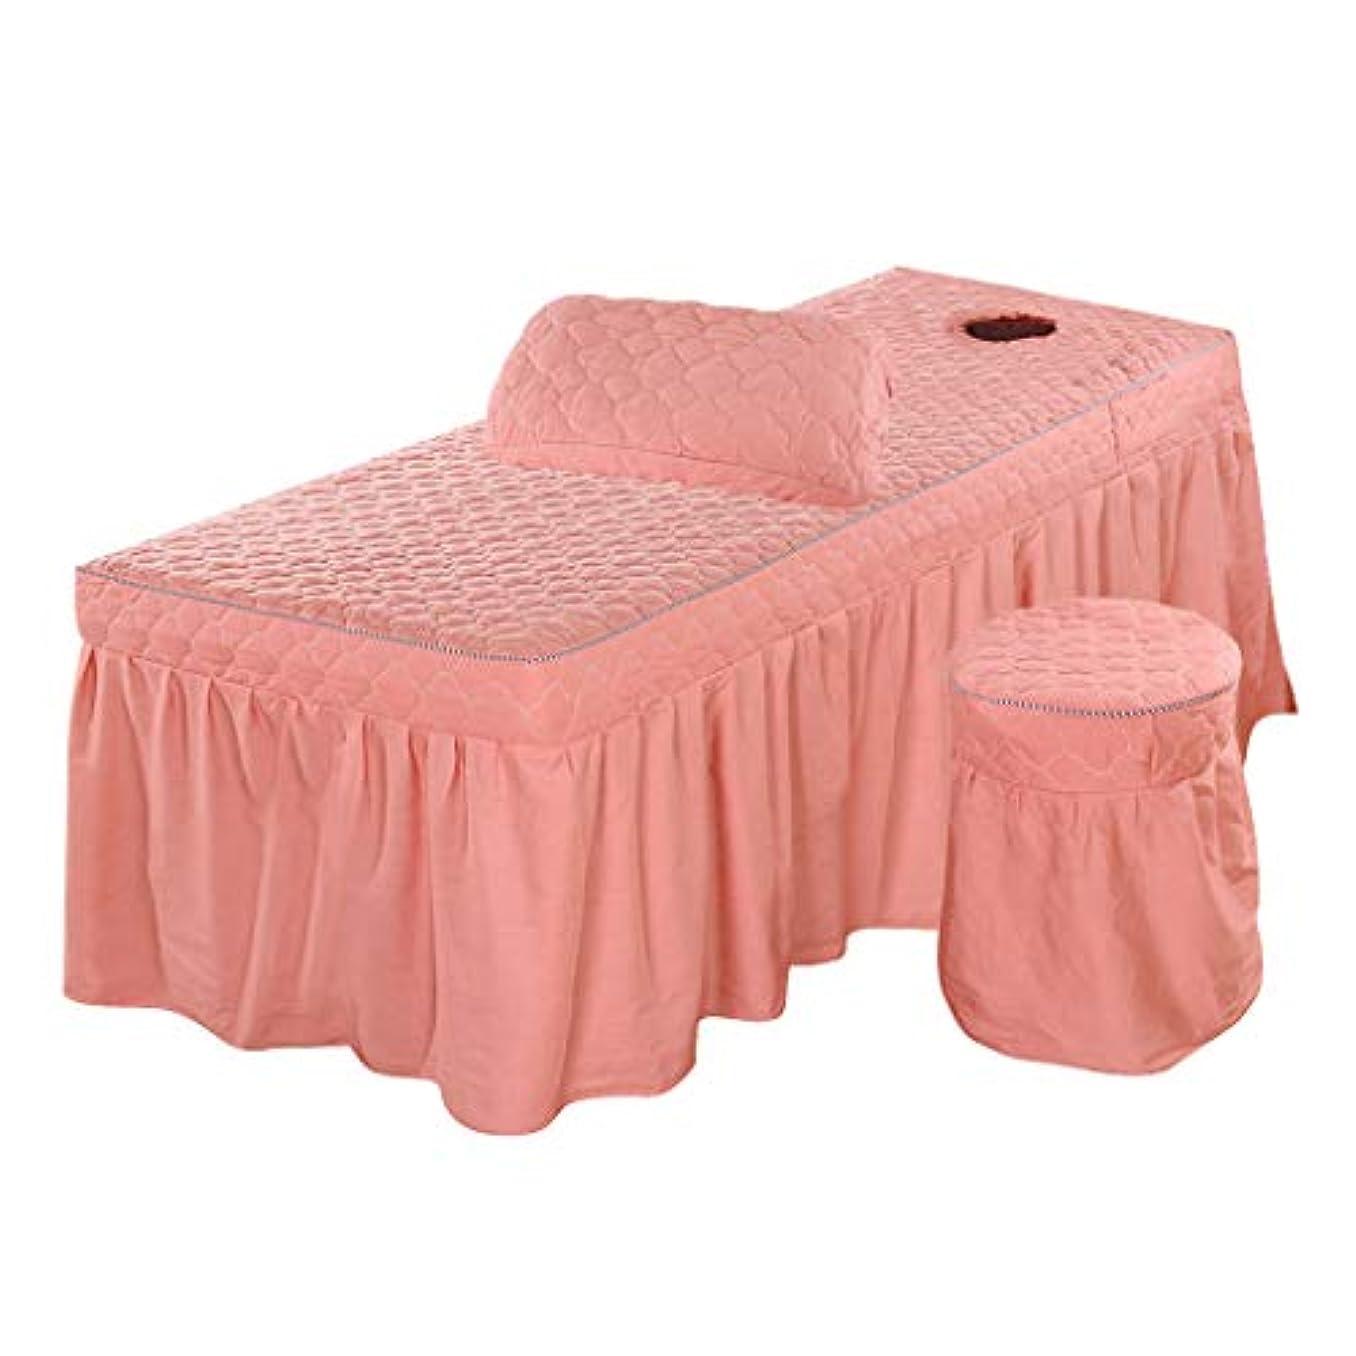 ところで法廷薬理学3点セット 美容ベッドスカート 有孔 スツールカバー 枕カバー付き 通気性 - ピンク